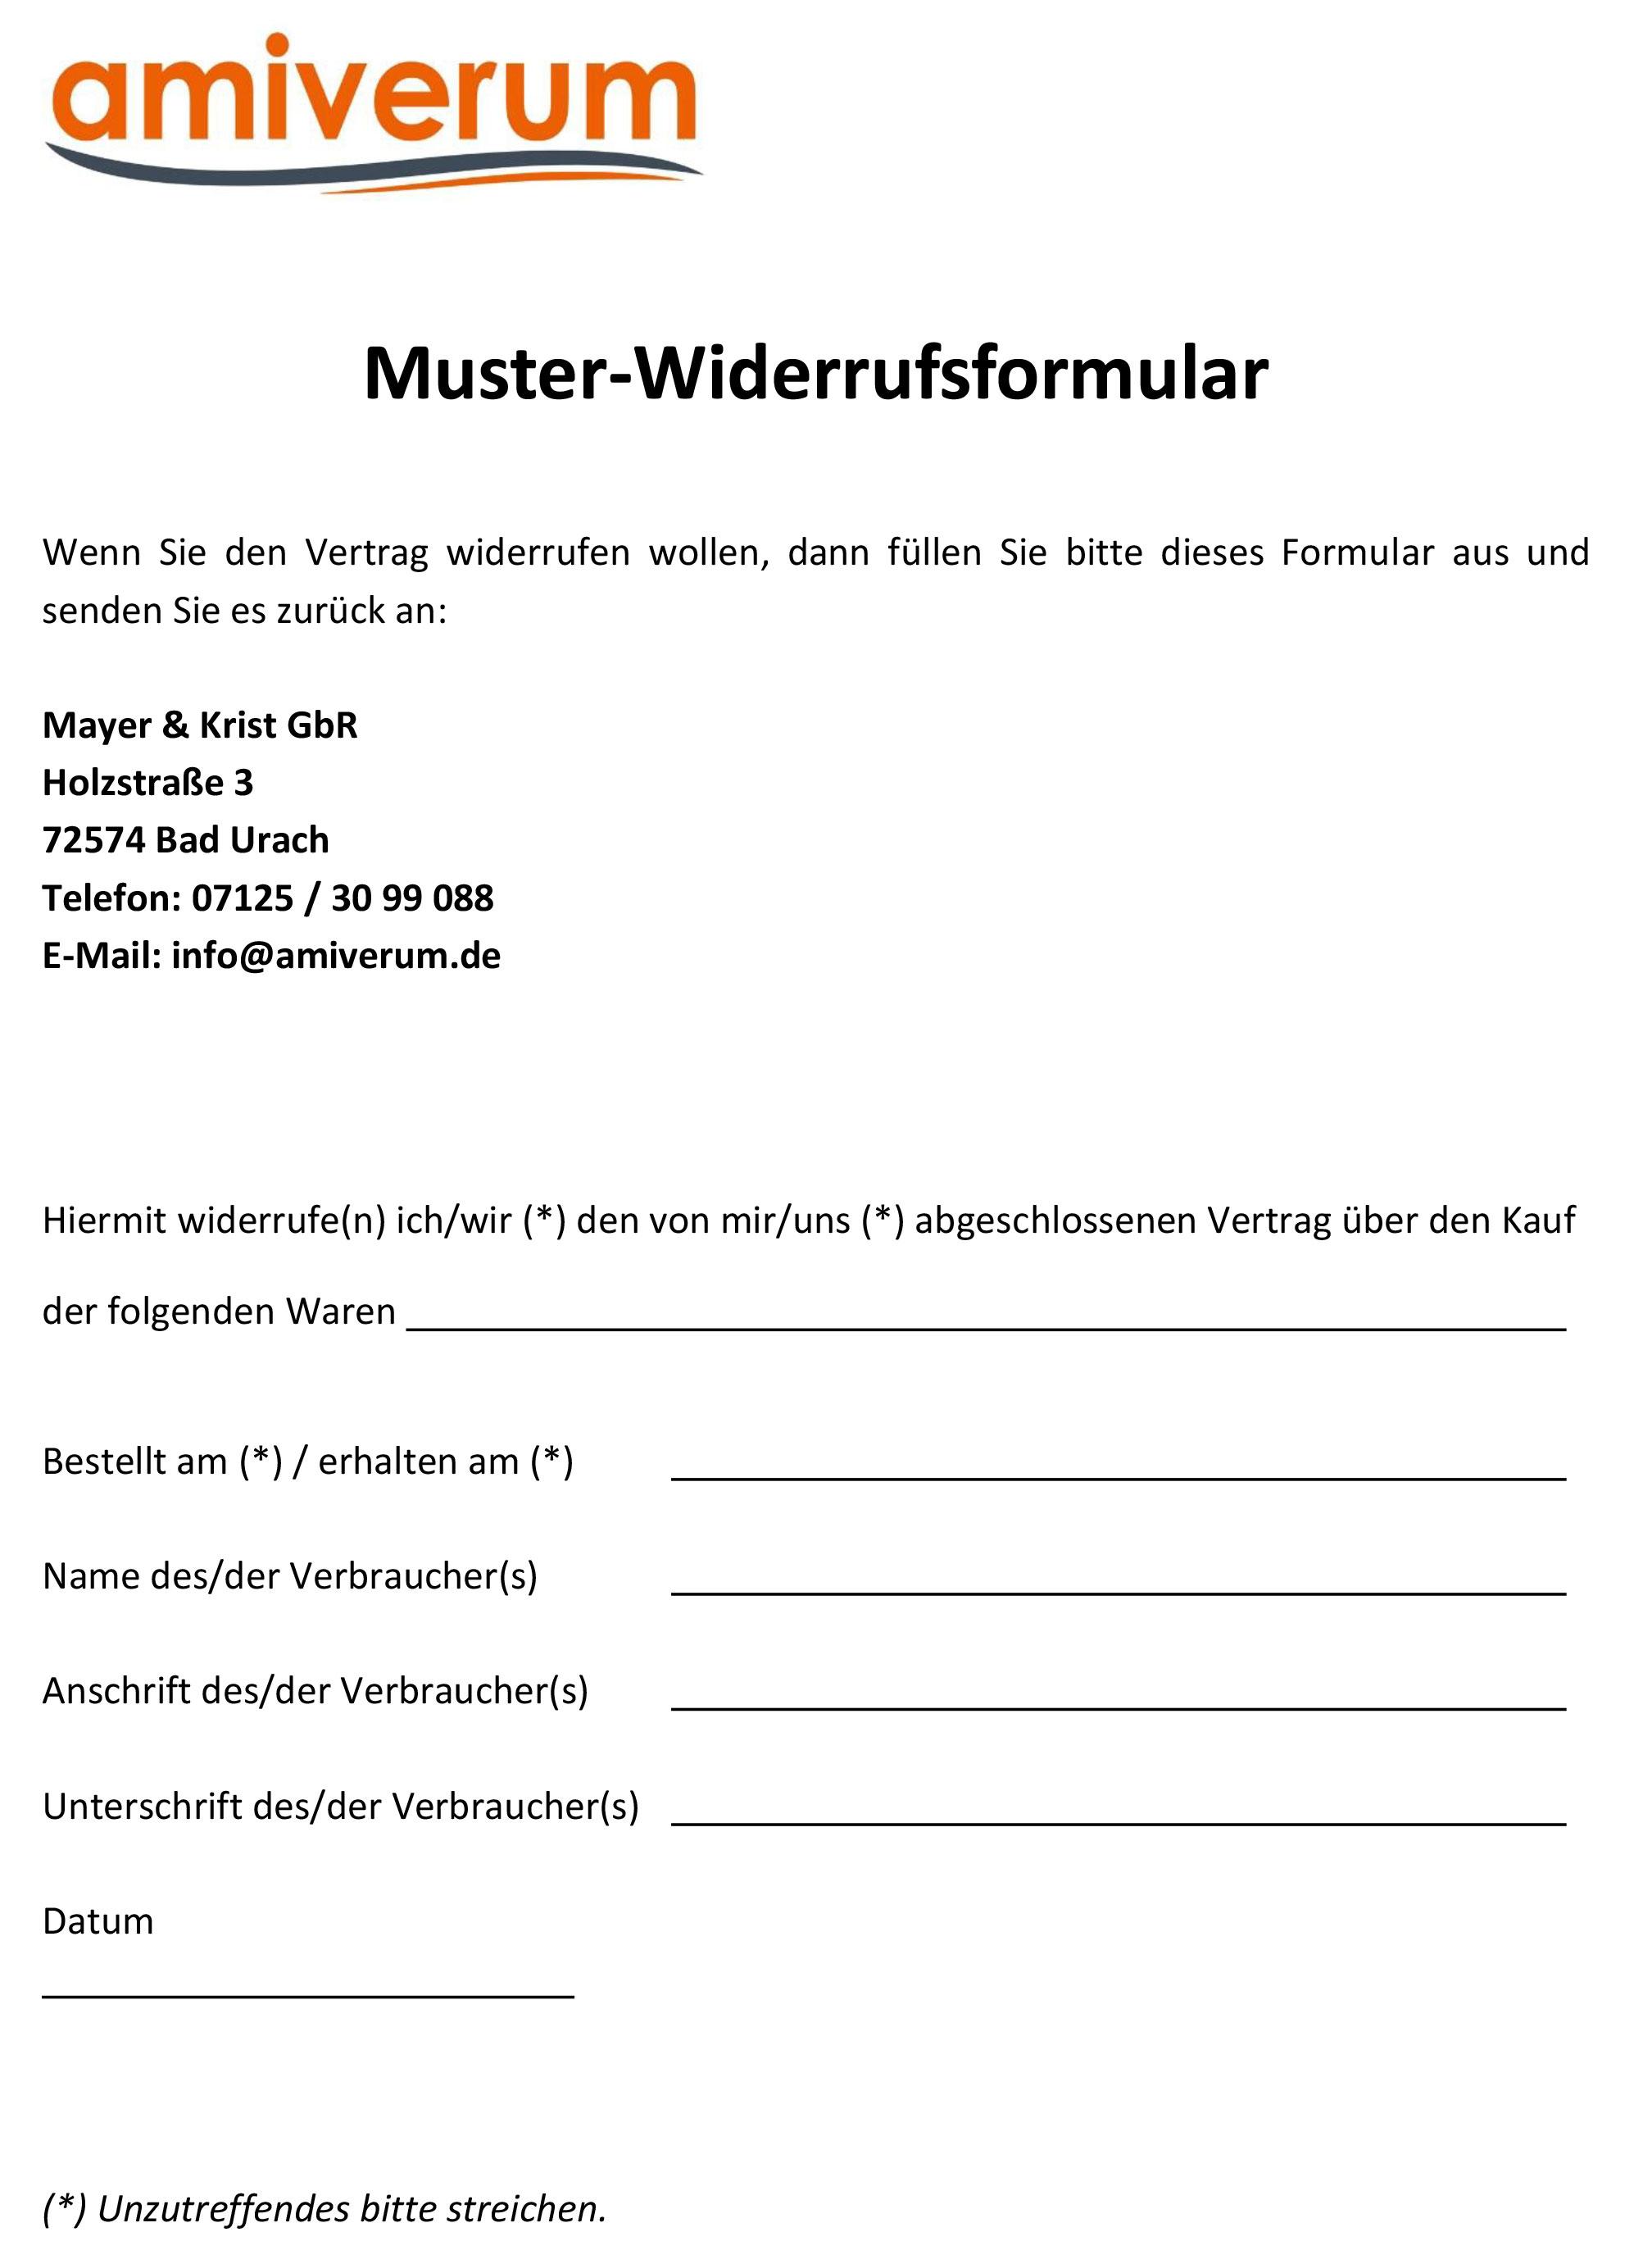 Muster-Widerrufsformular